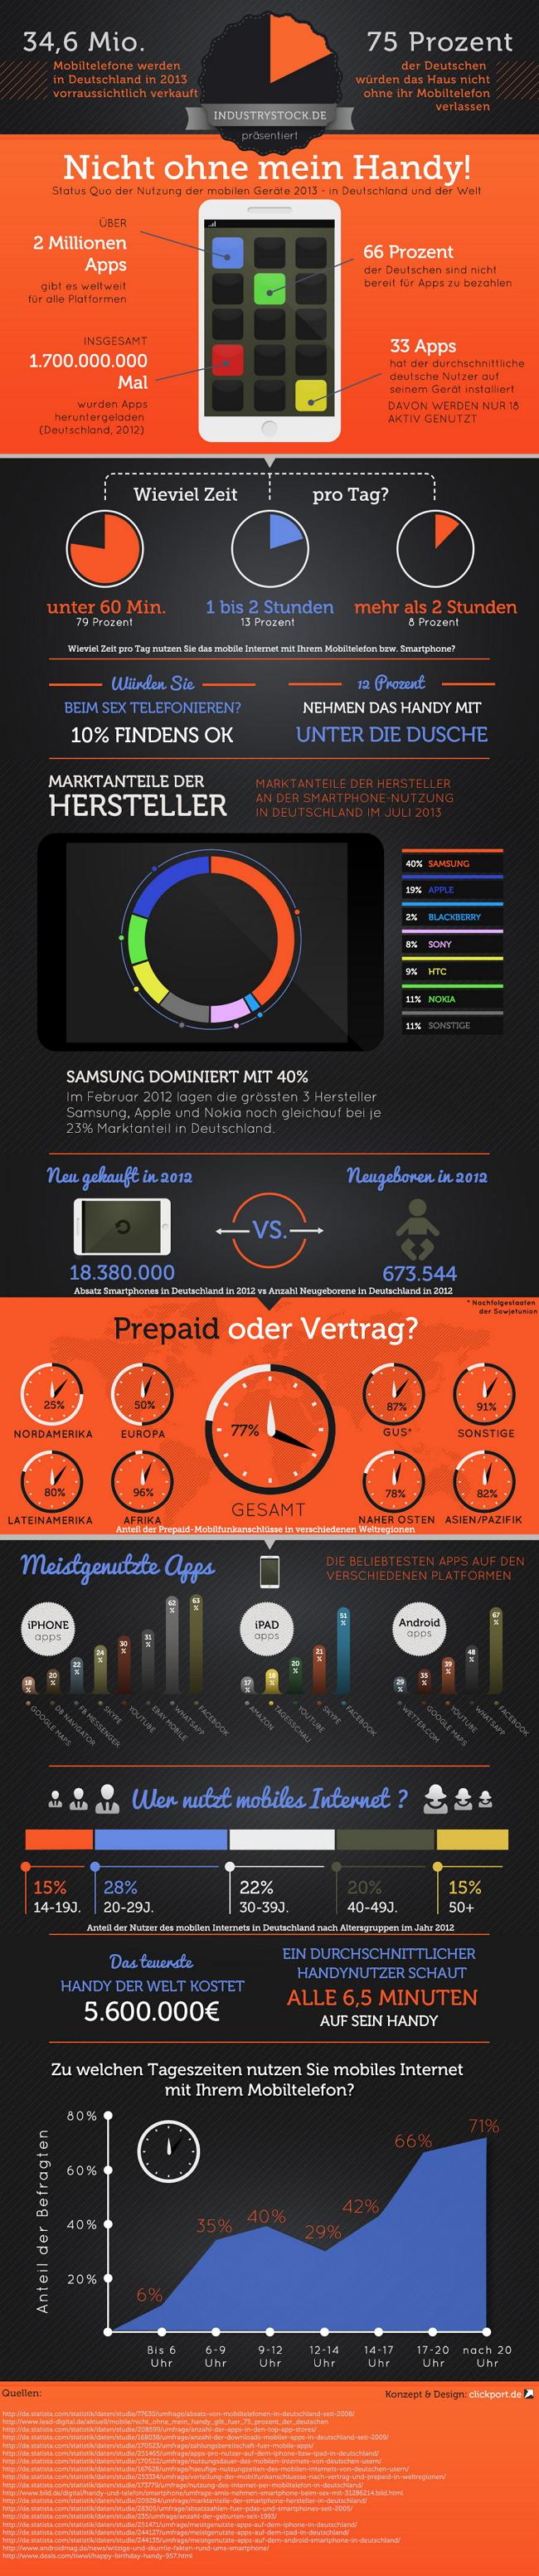 nicht_ohne_mein_handy_Infografik